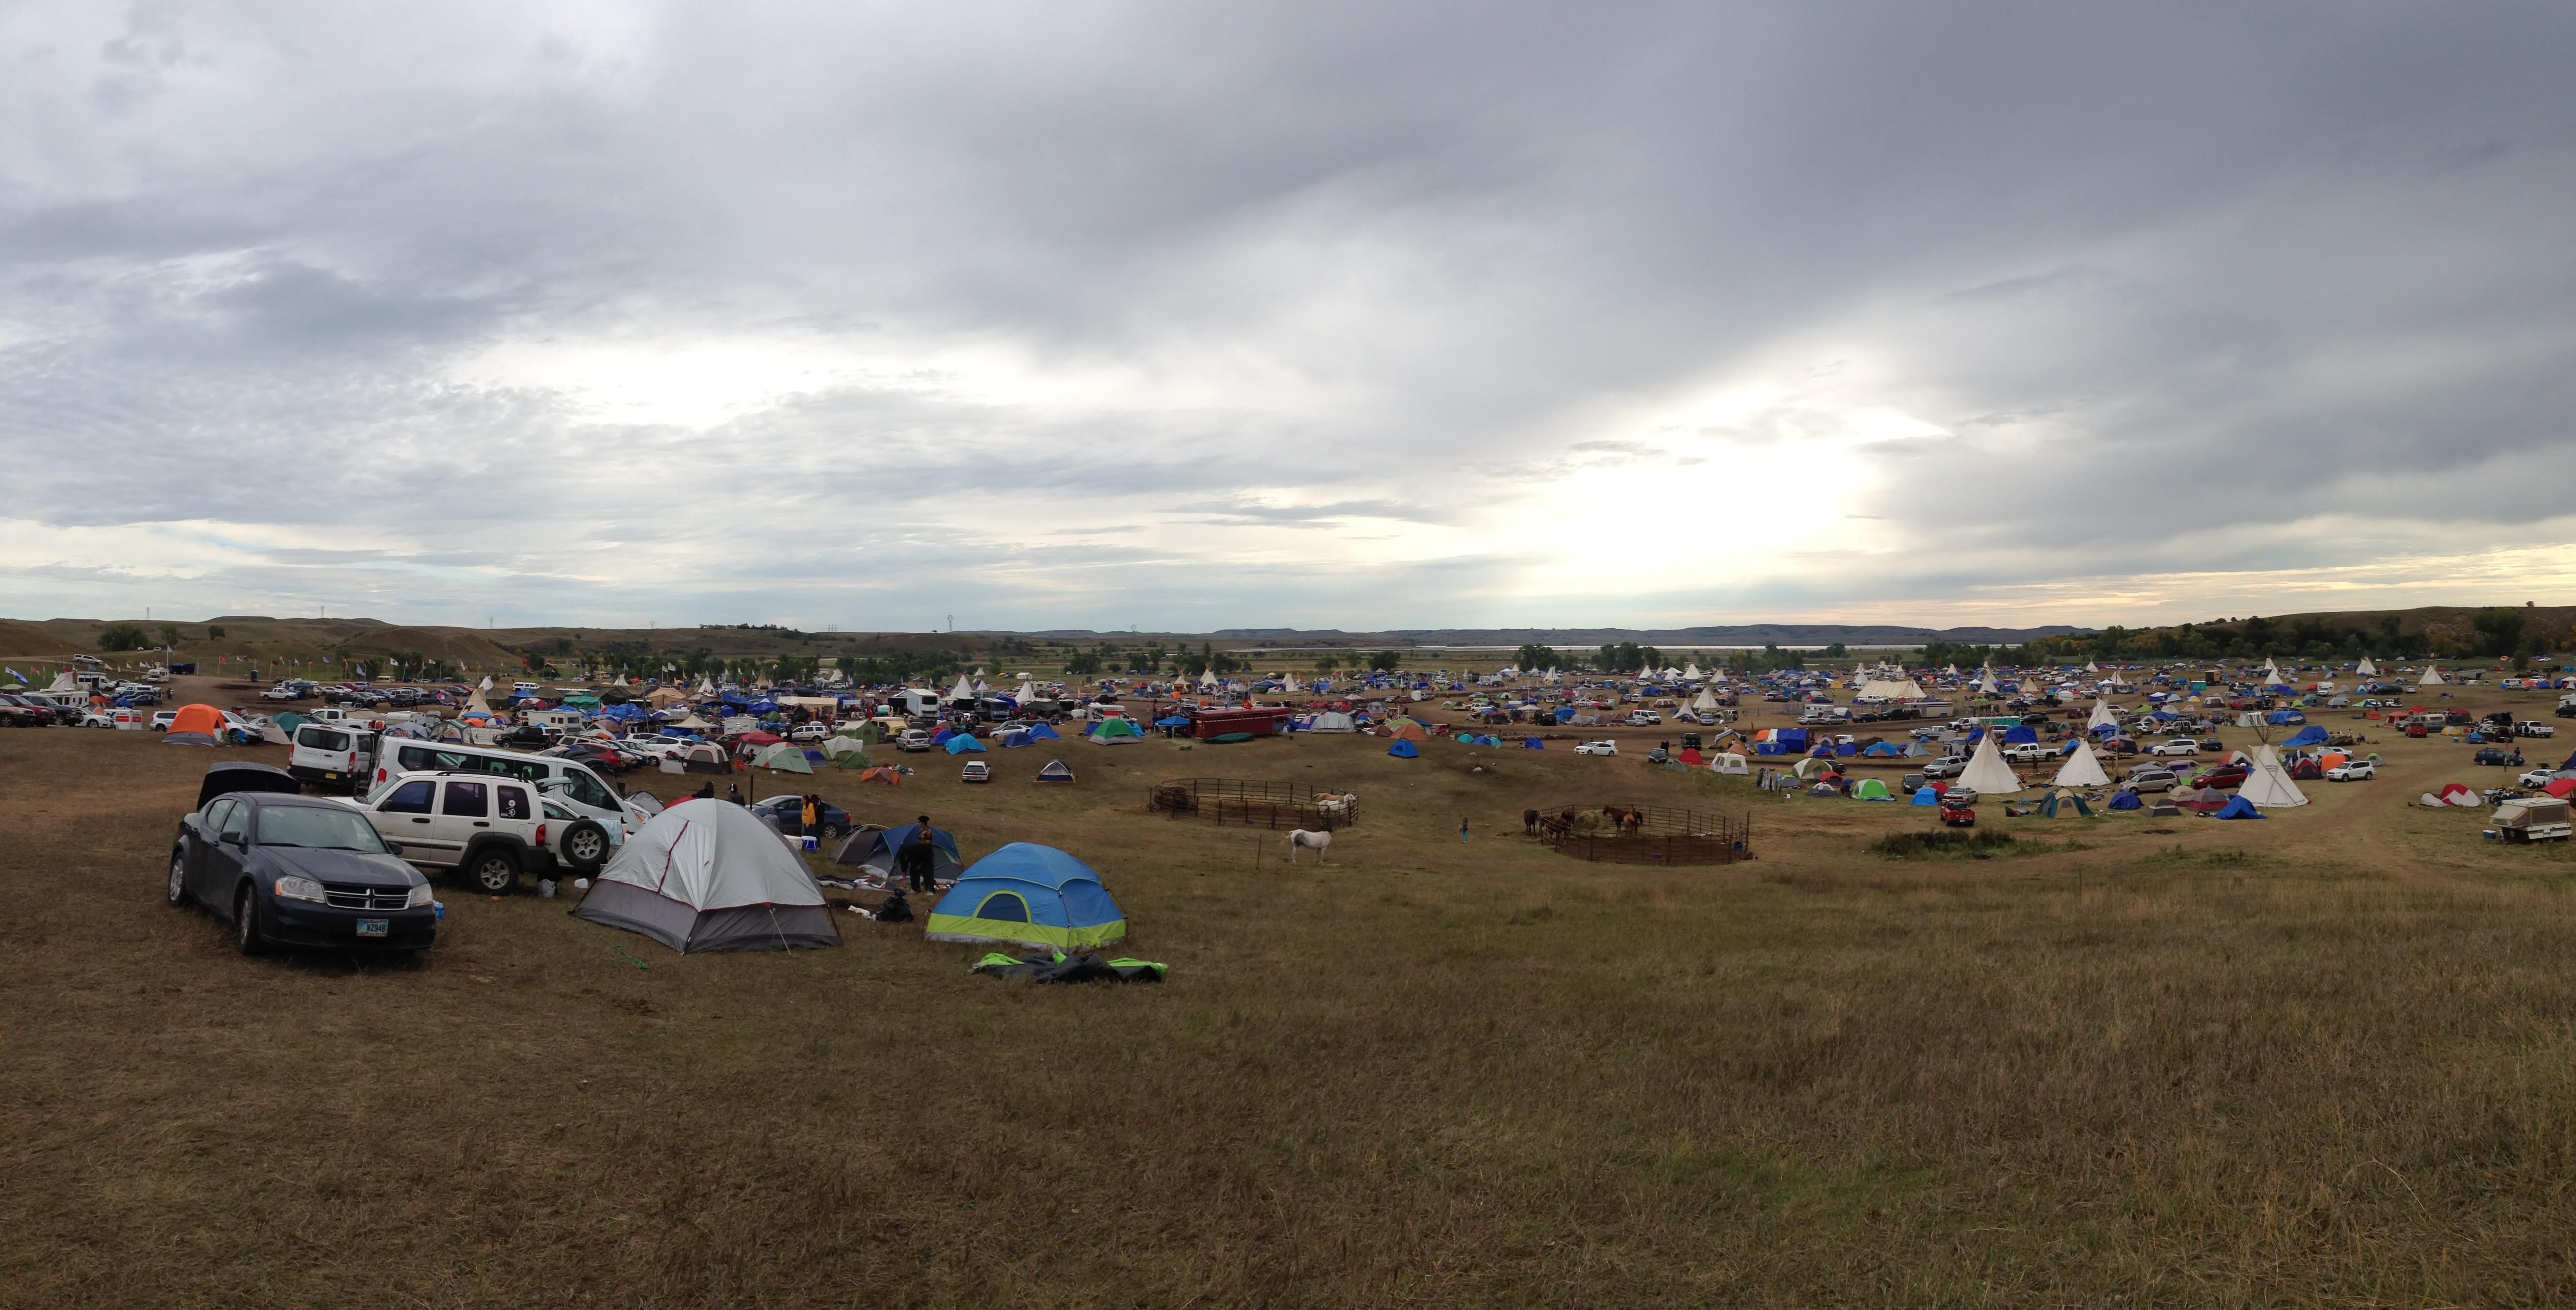 CampWidePano